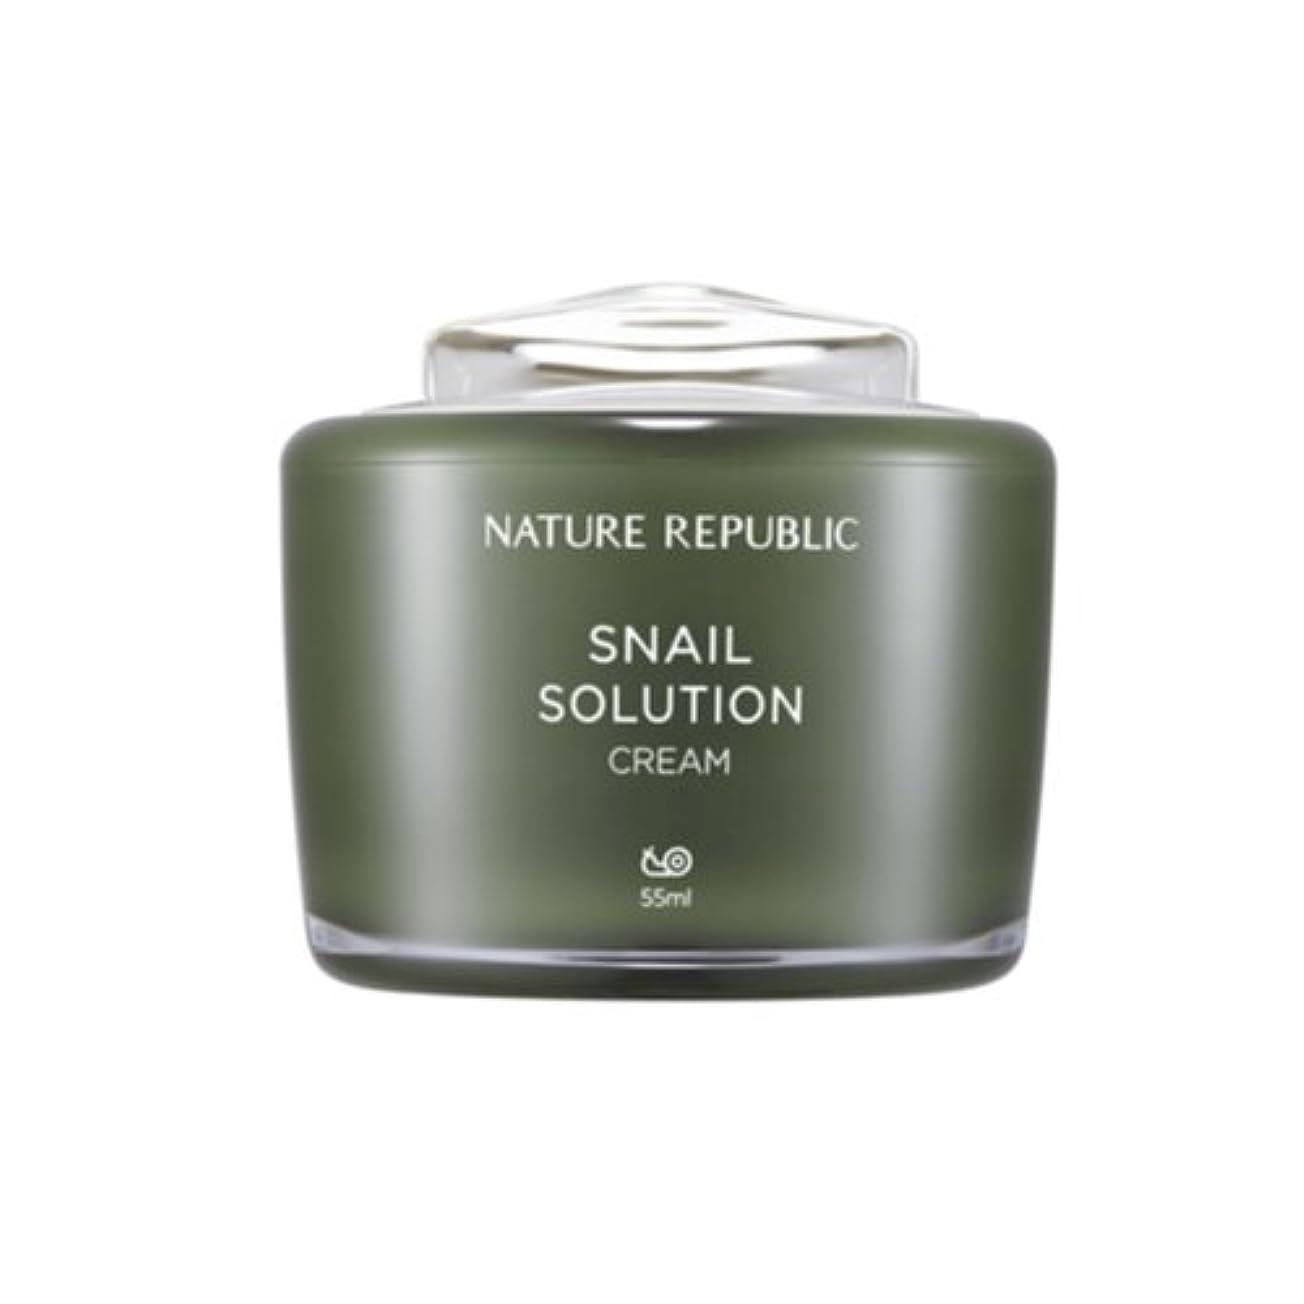 むき出し誤って取り戻す[ネイチャーリパブリック] Nature republicスネイルソリューションクリーム海外直送品(Snail Solution Cream) [並行輸入品]